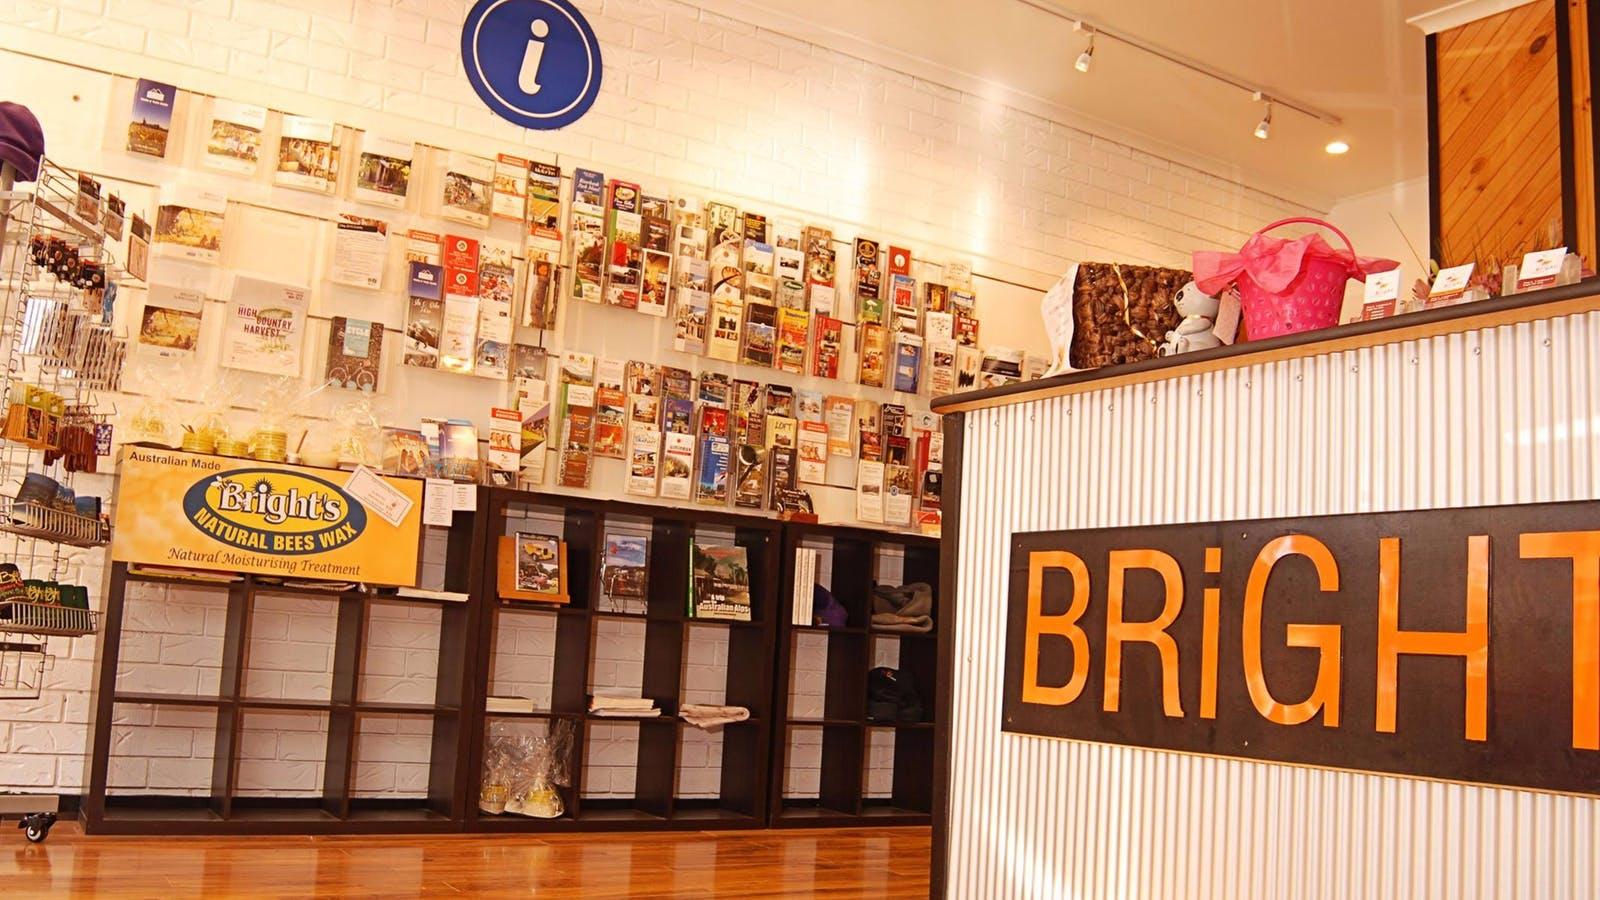 Bright Visitors Centre and Bright Escapes Office